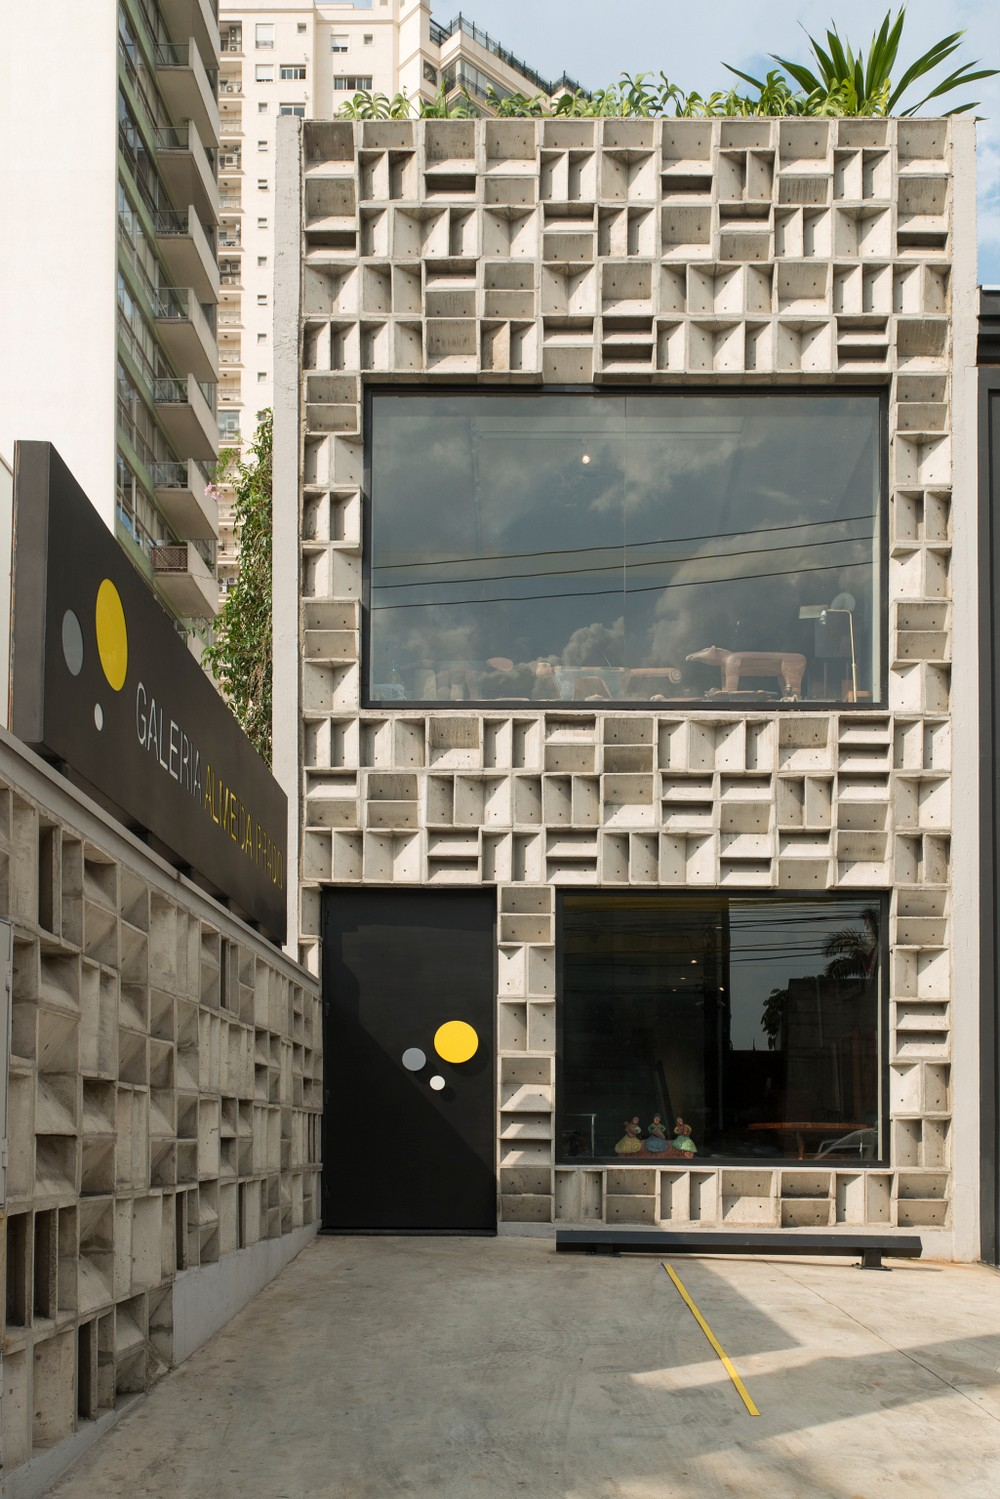 Best Interior Design Showrooms in São Paulo são paulo Best Interior Design Showrooms in São Paulo Best Interior Design Showrooms in S  o Paulo 10